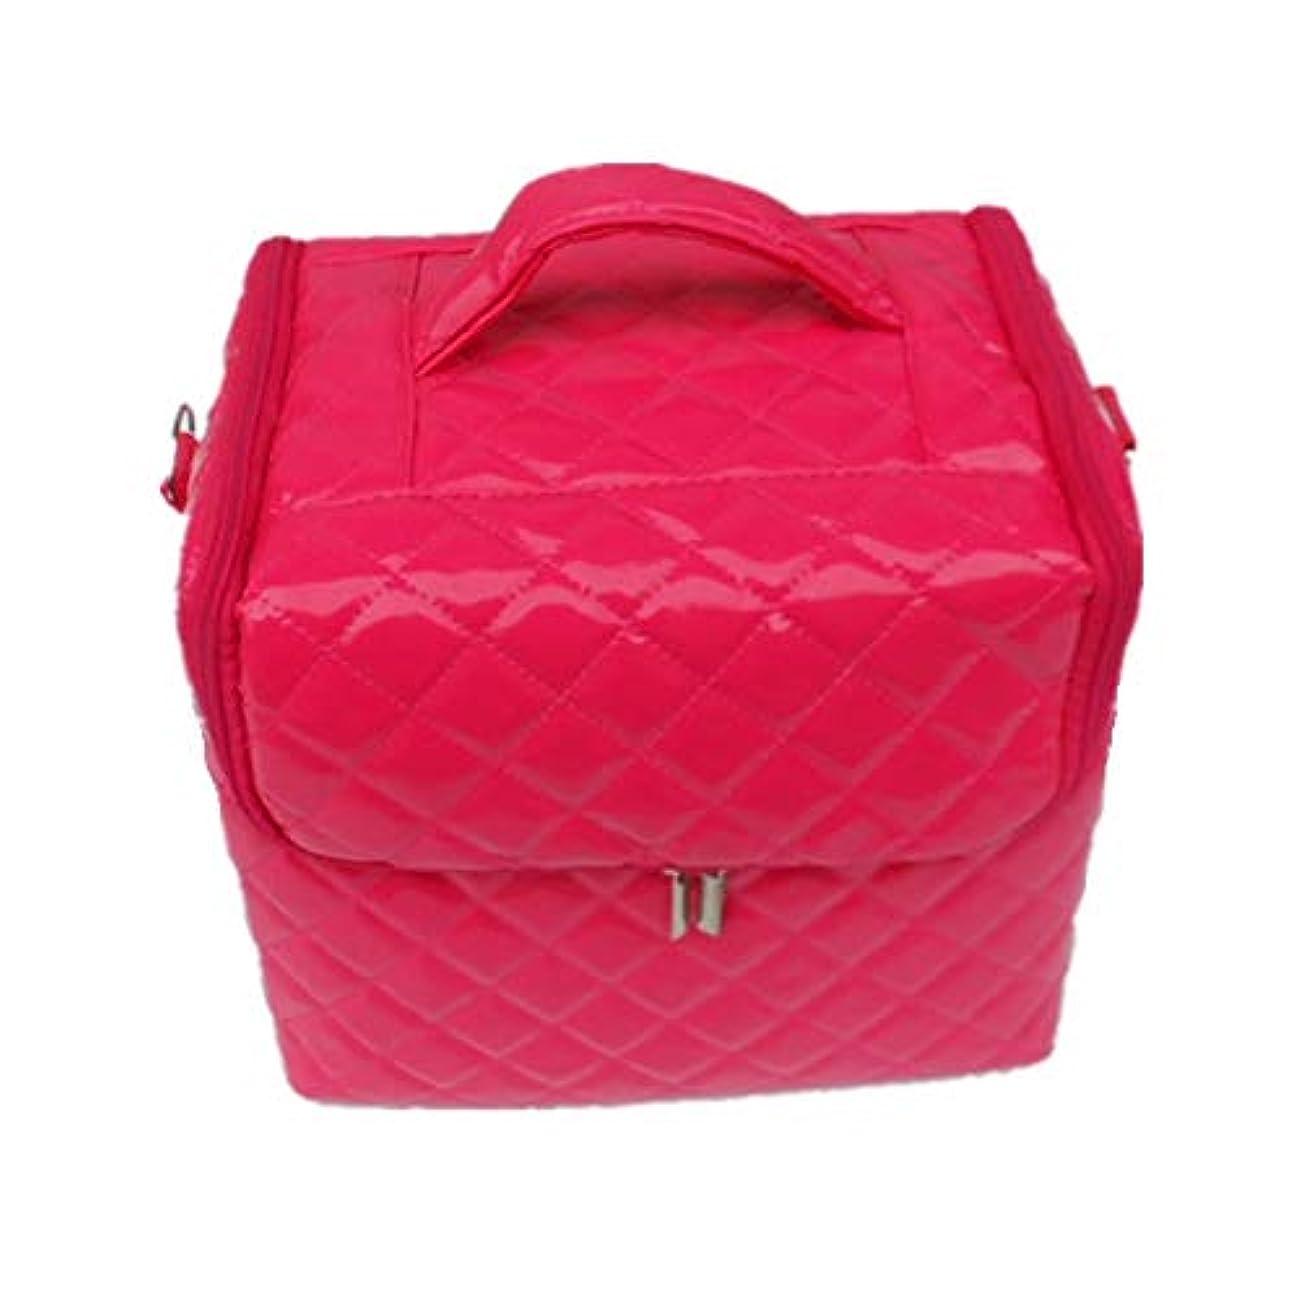 フォアマンリークこする化粧オーガナイザーバッグ 美容メイクアップのための大容量ポータブル化粧品バッグと女性の女性の旅行とジッパーと折り畳みトレイで毎日のストレージ用 化粧品ケース